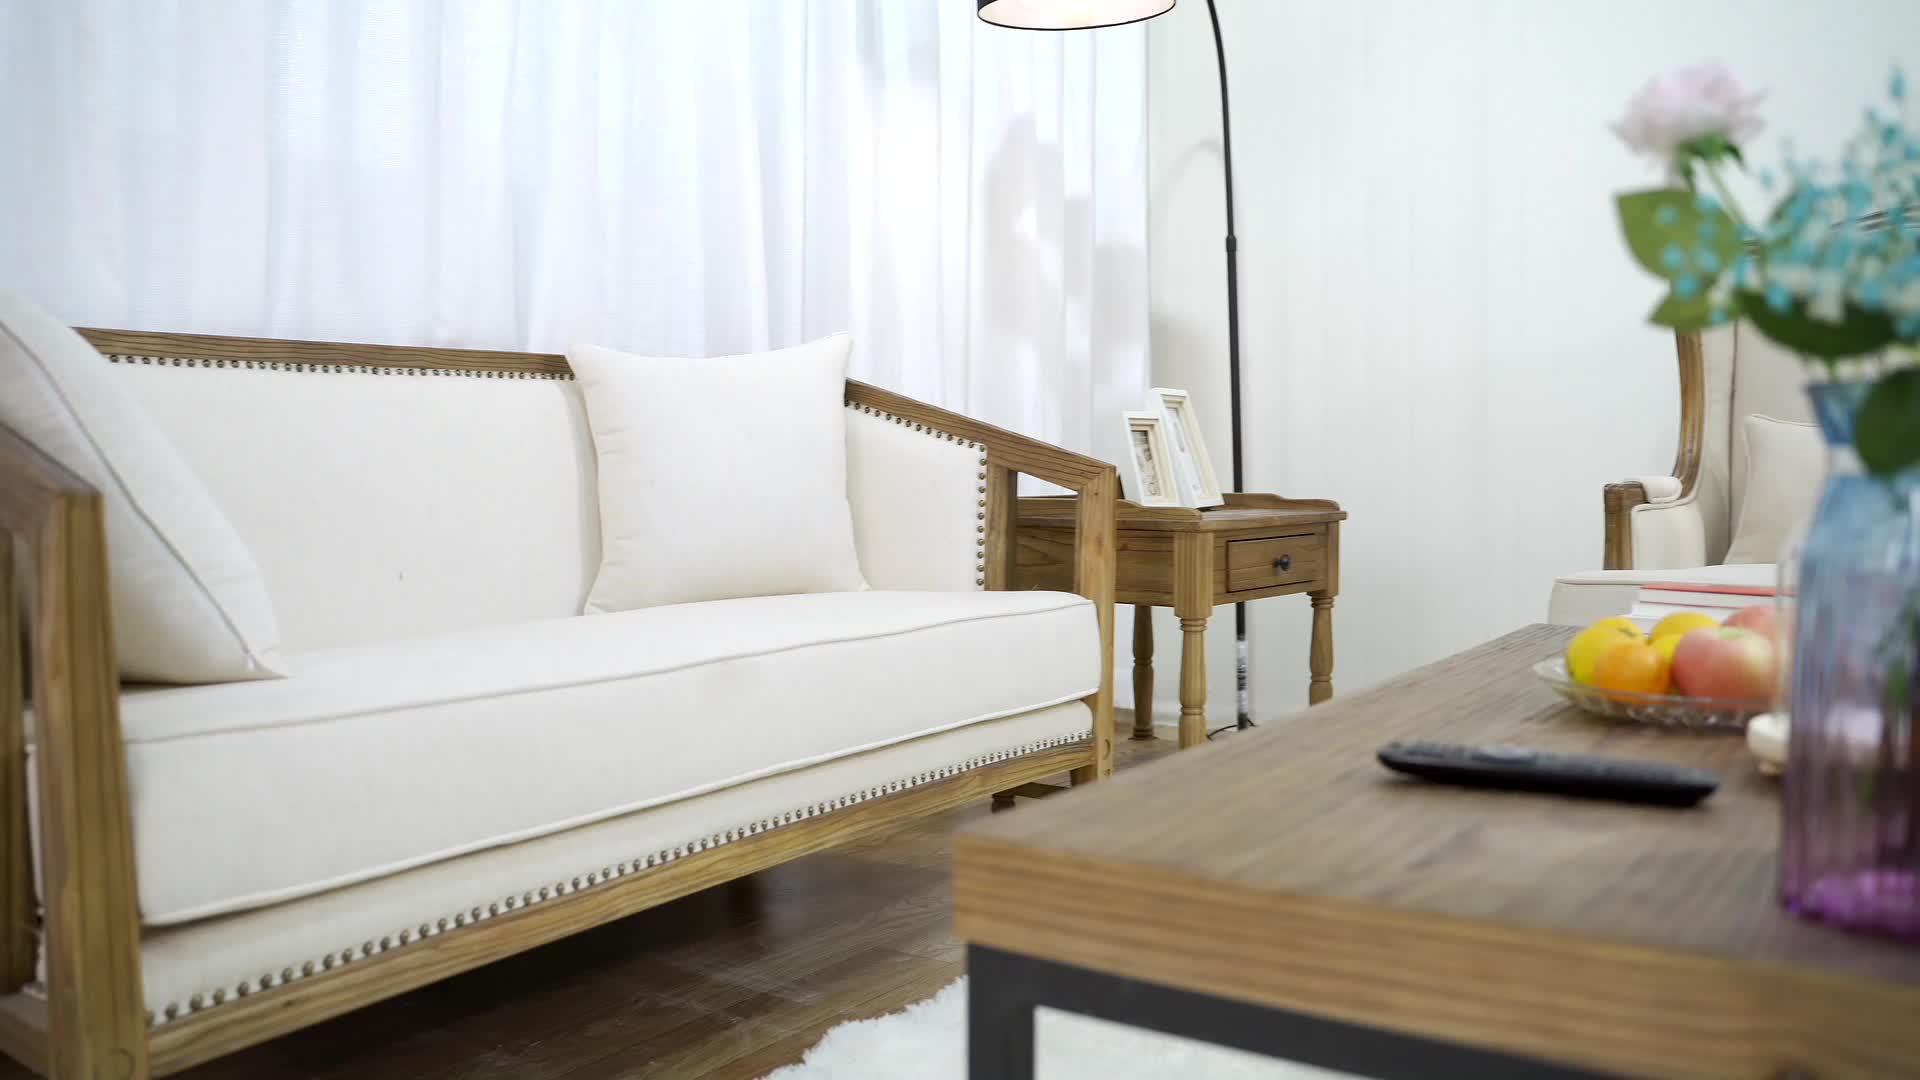 モダンなリビングルームの椅子セットリラックス快適な木製リネンシングル木製ソファチェア